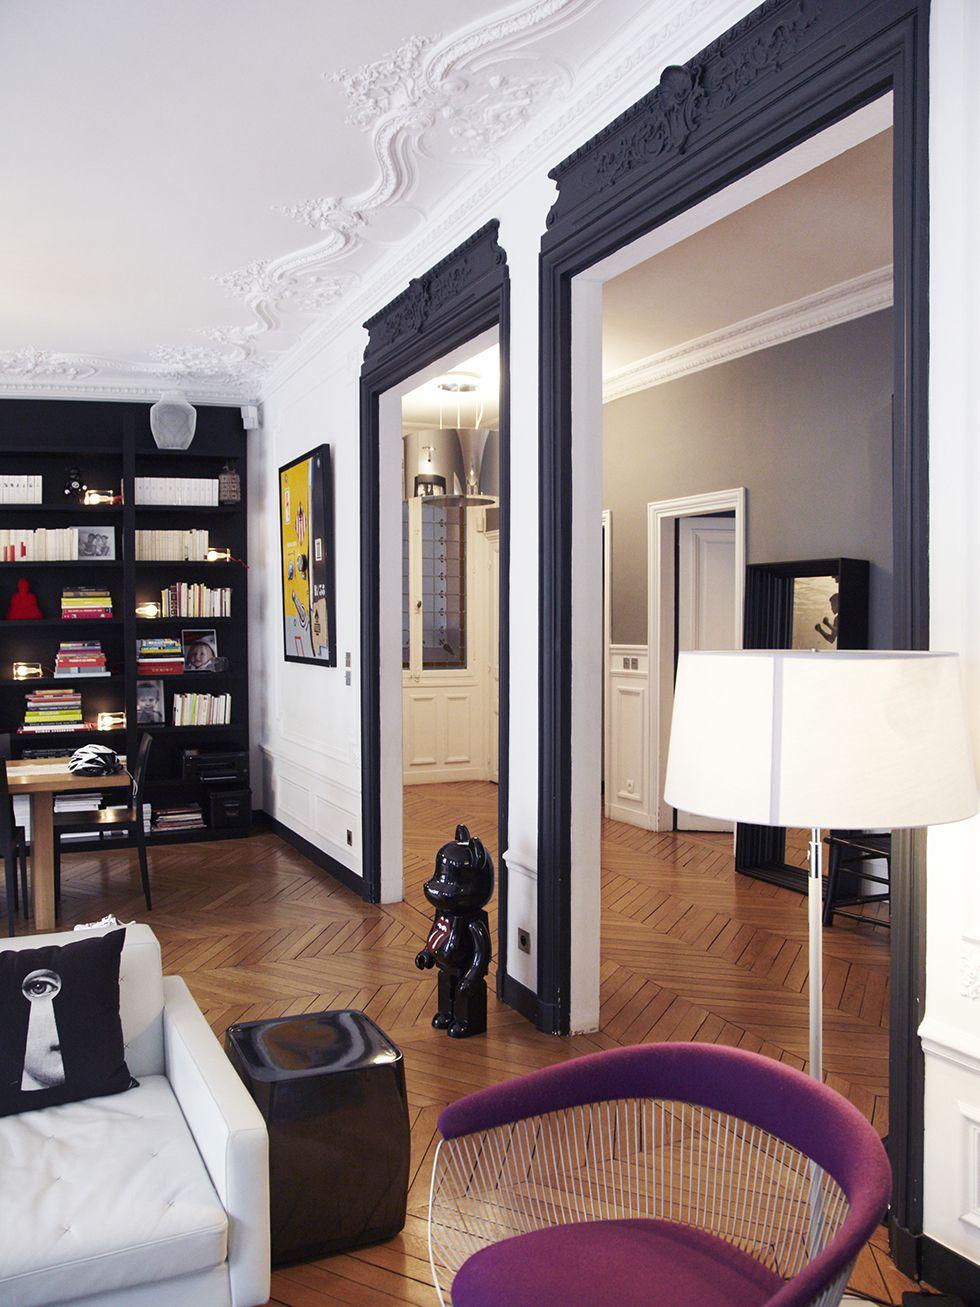 Un int rieur parisien so chic an apartment apart dream decor house design et decor - Peinture boiserie porte ...